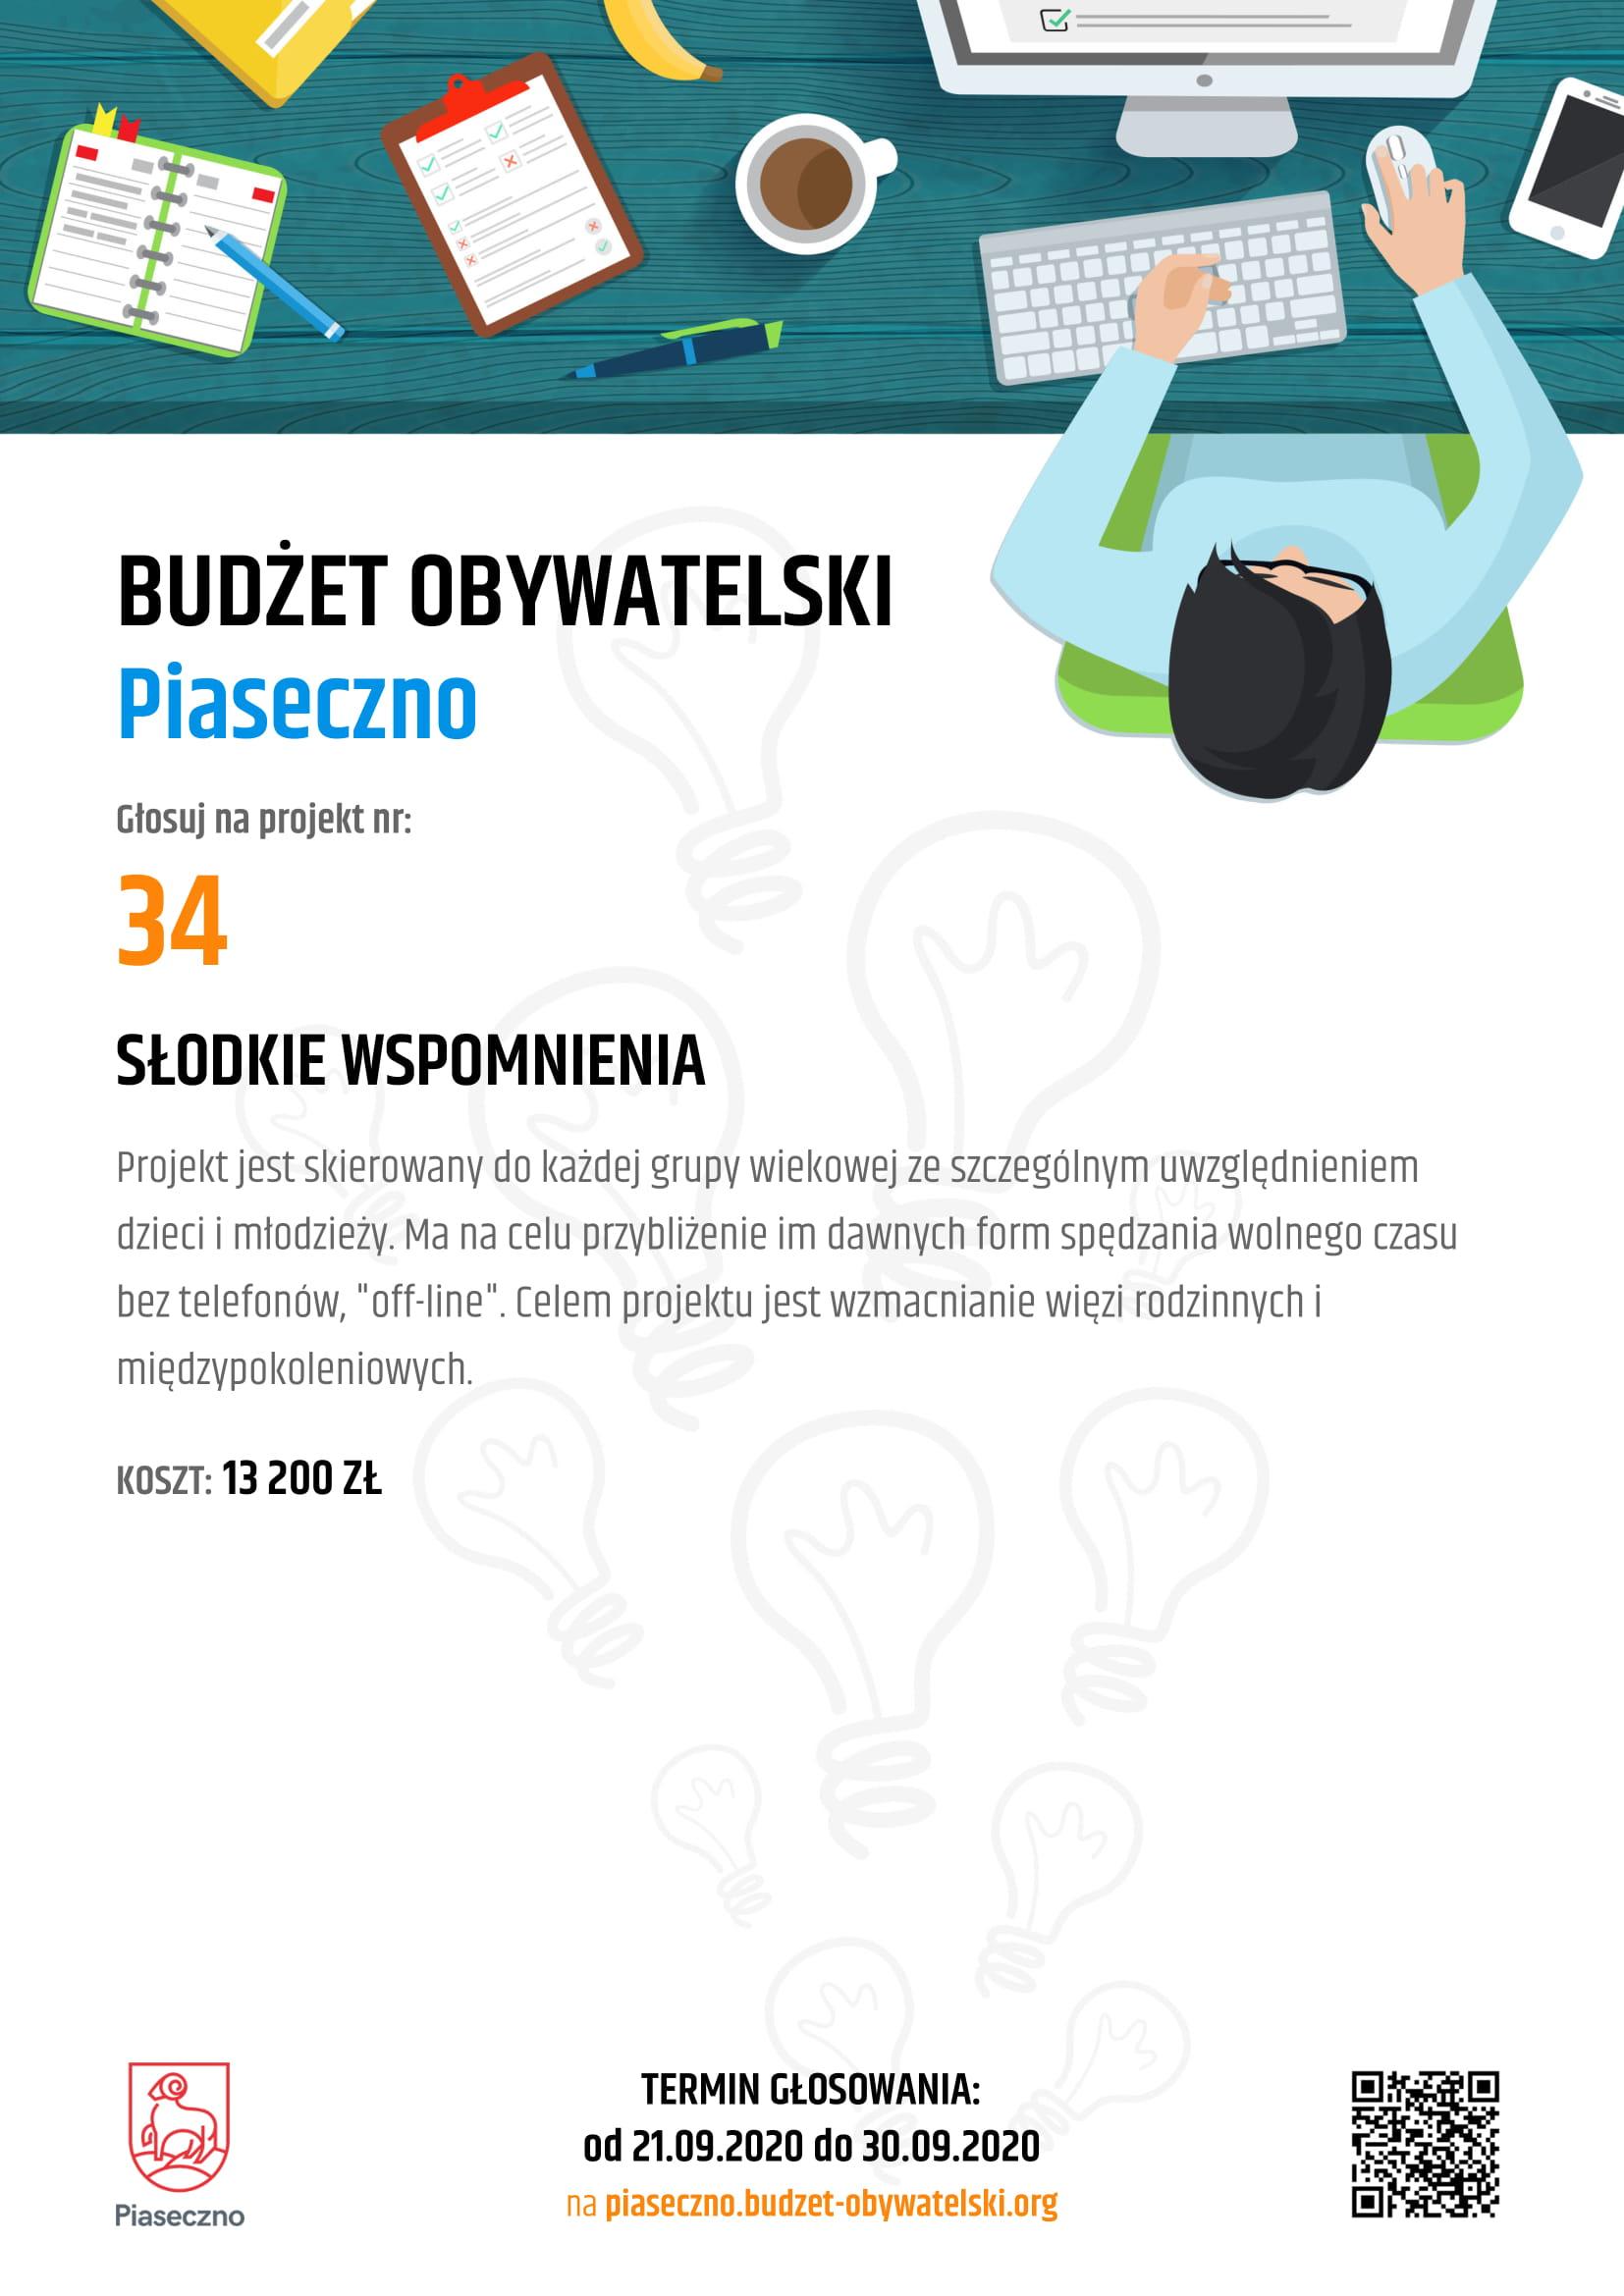 Budżet Obywatelski Piaseczno 34 Słodkie Wspomnienia